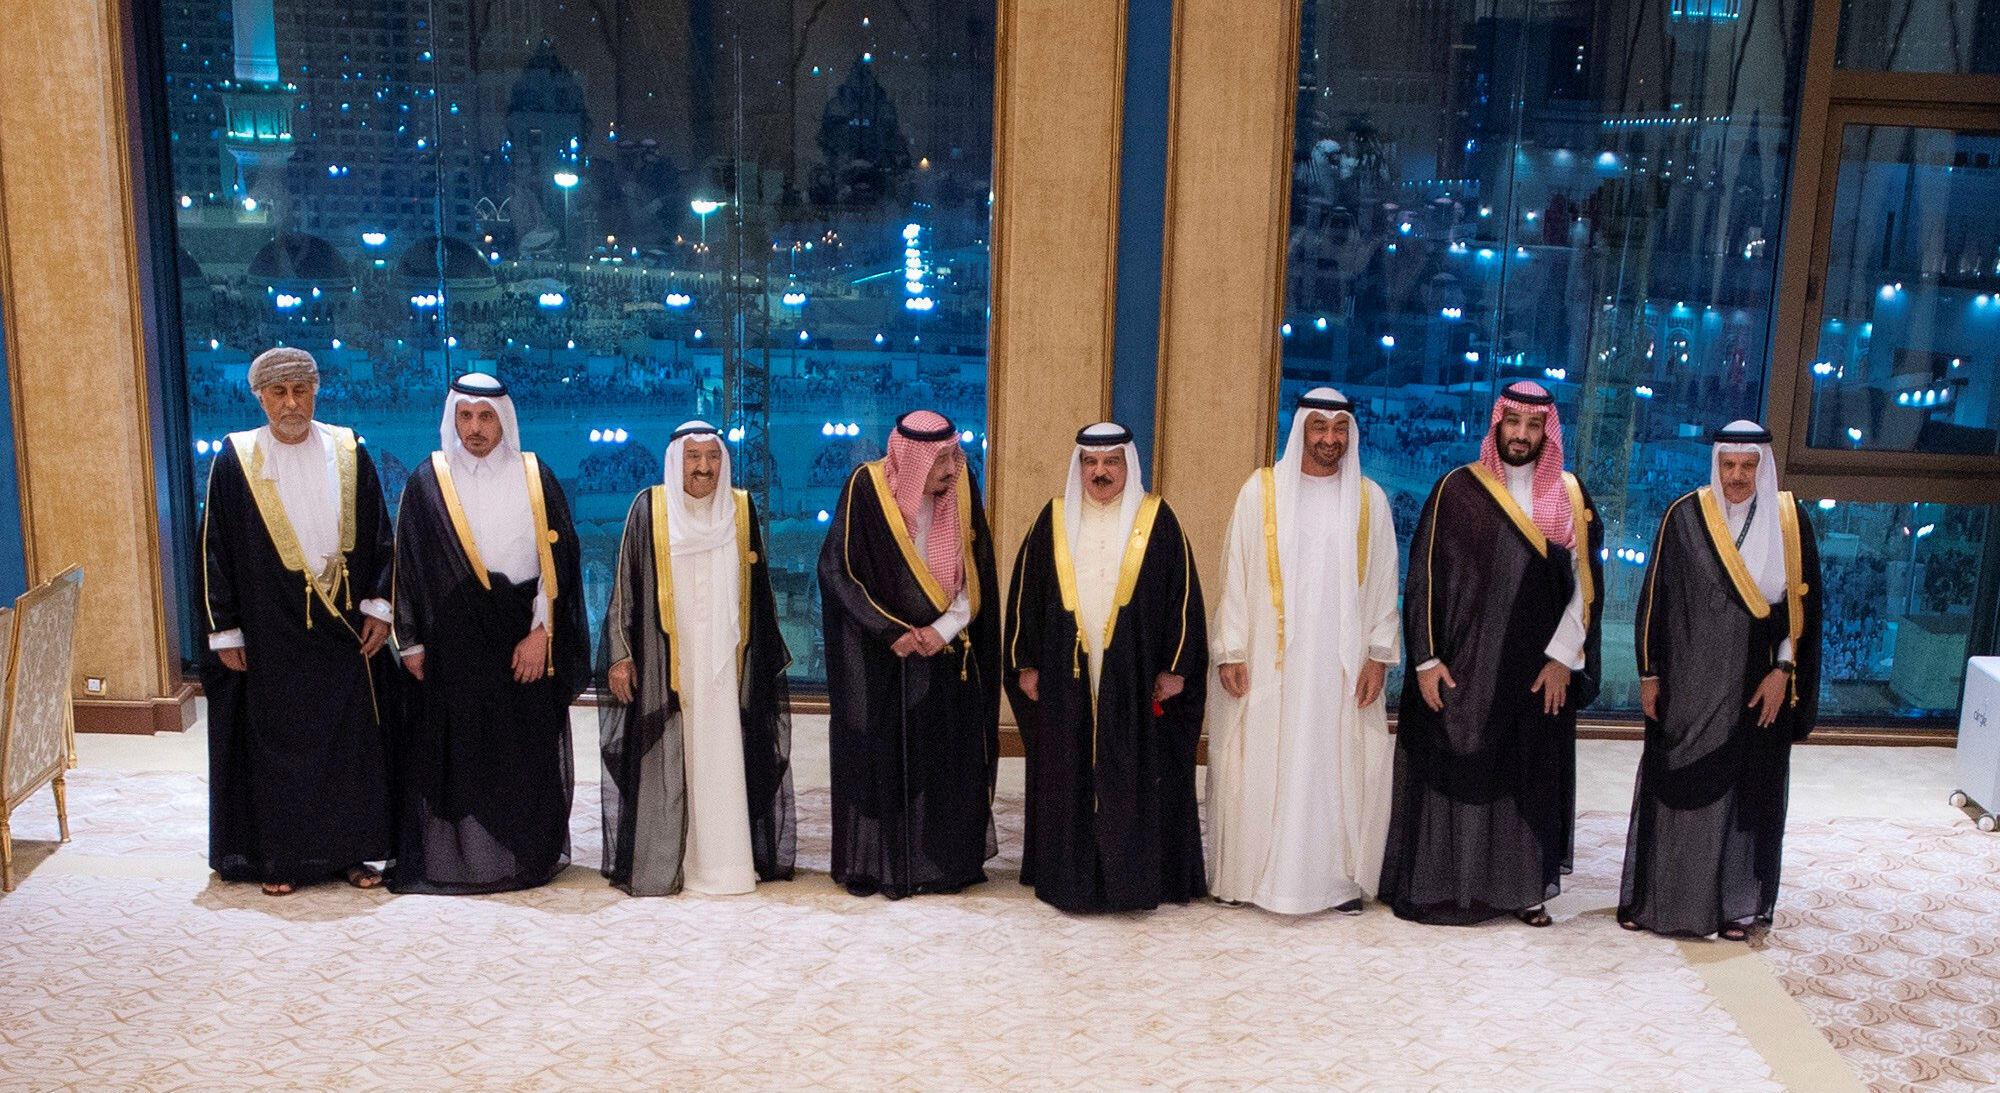 Los líderes del Consejo de Cooperación del Golfo posan durante su cumbre en La Meca, Arabia Saudita. 31 de mayo de 2019.